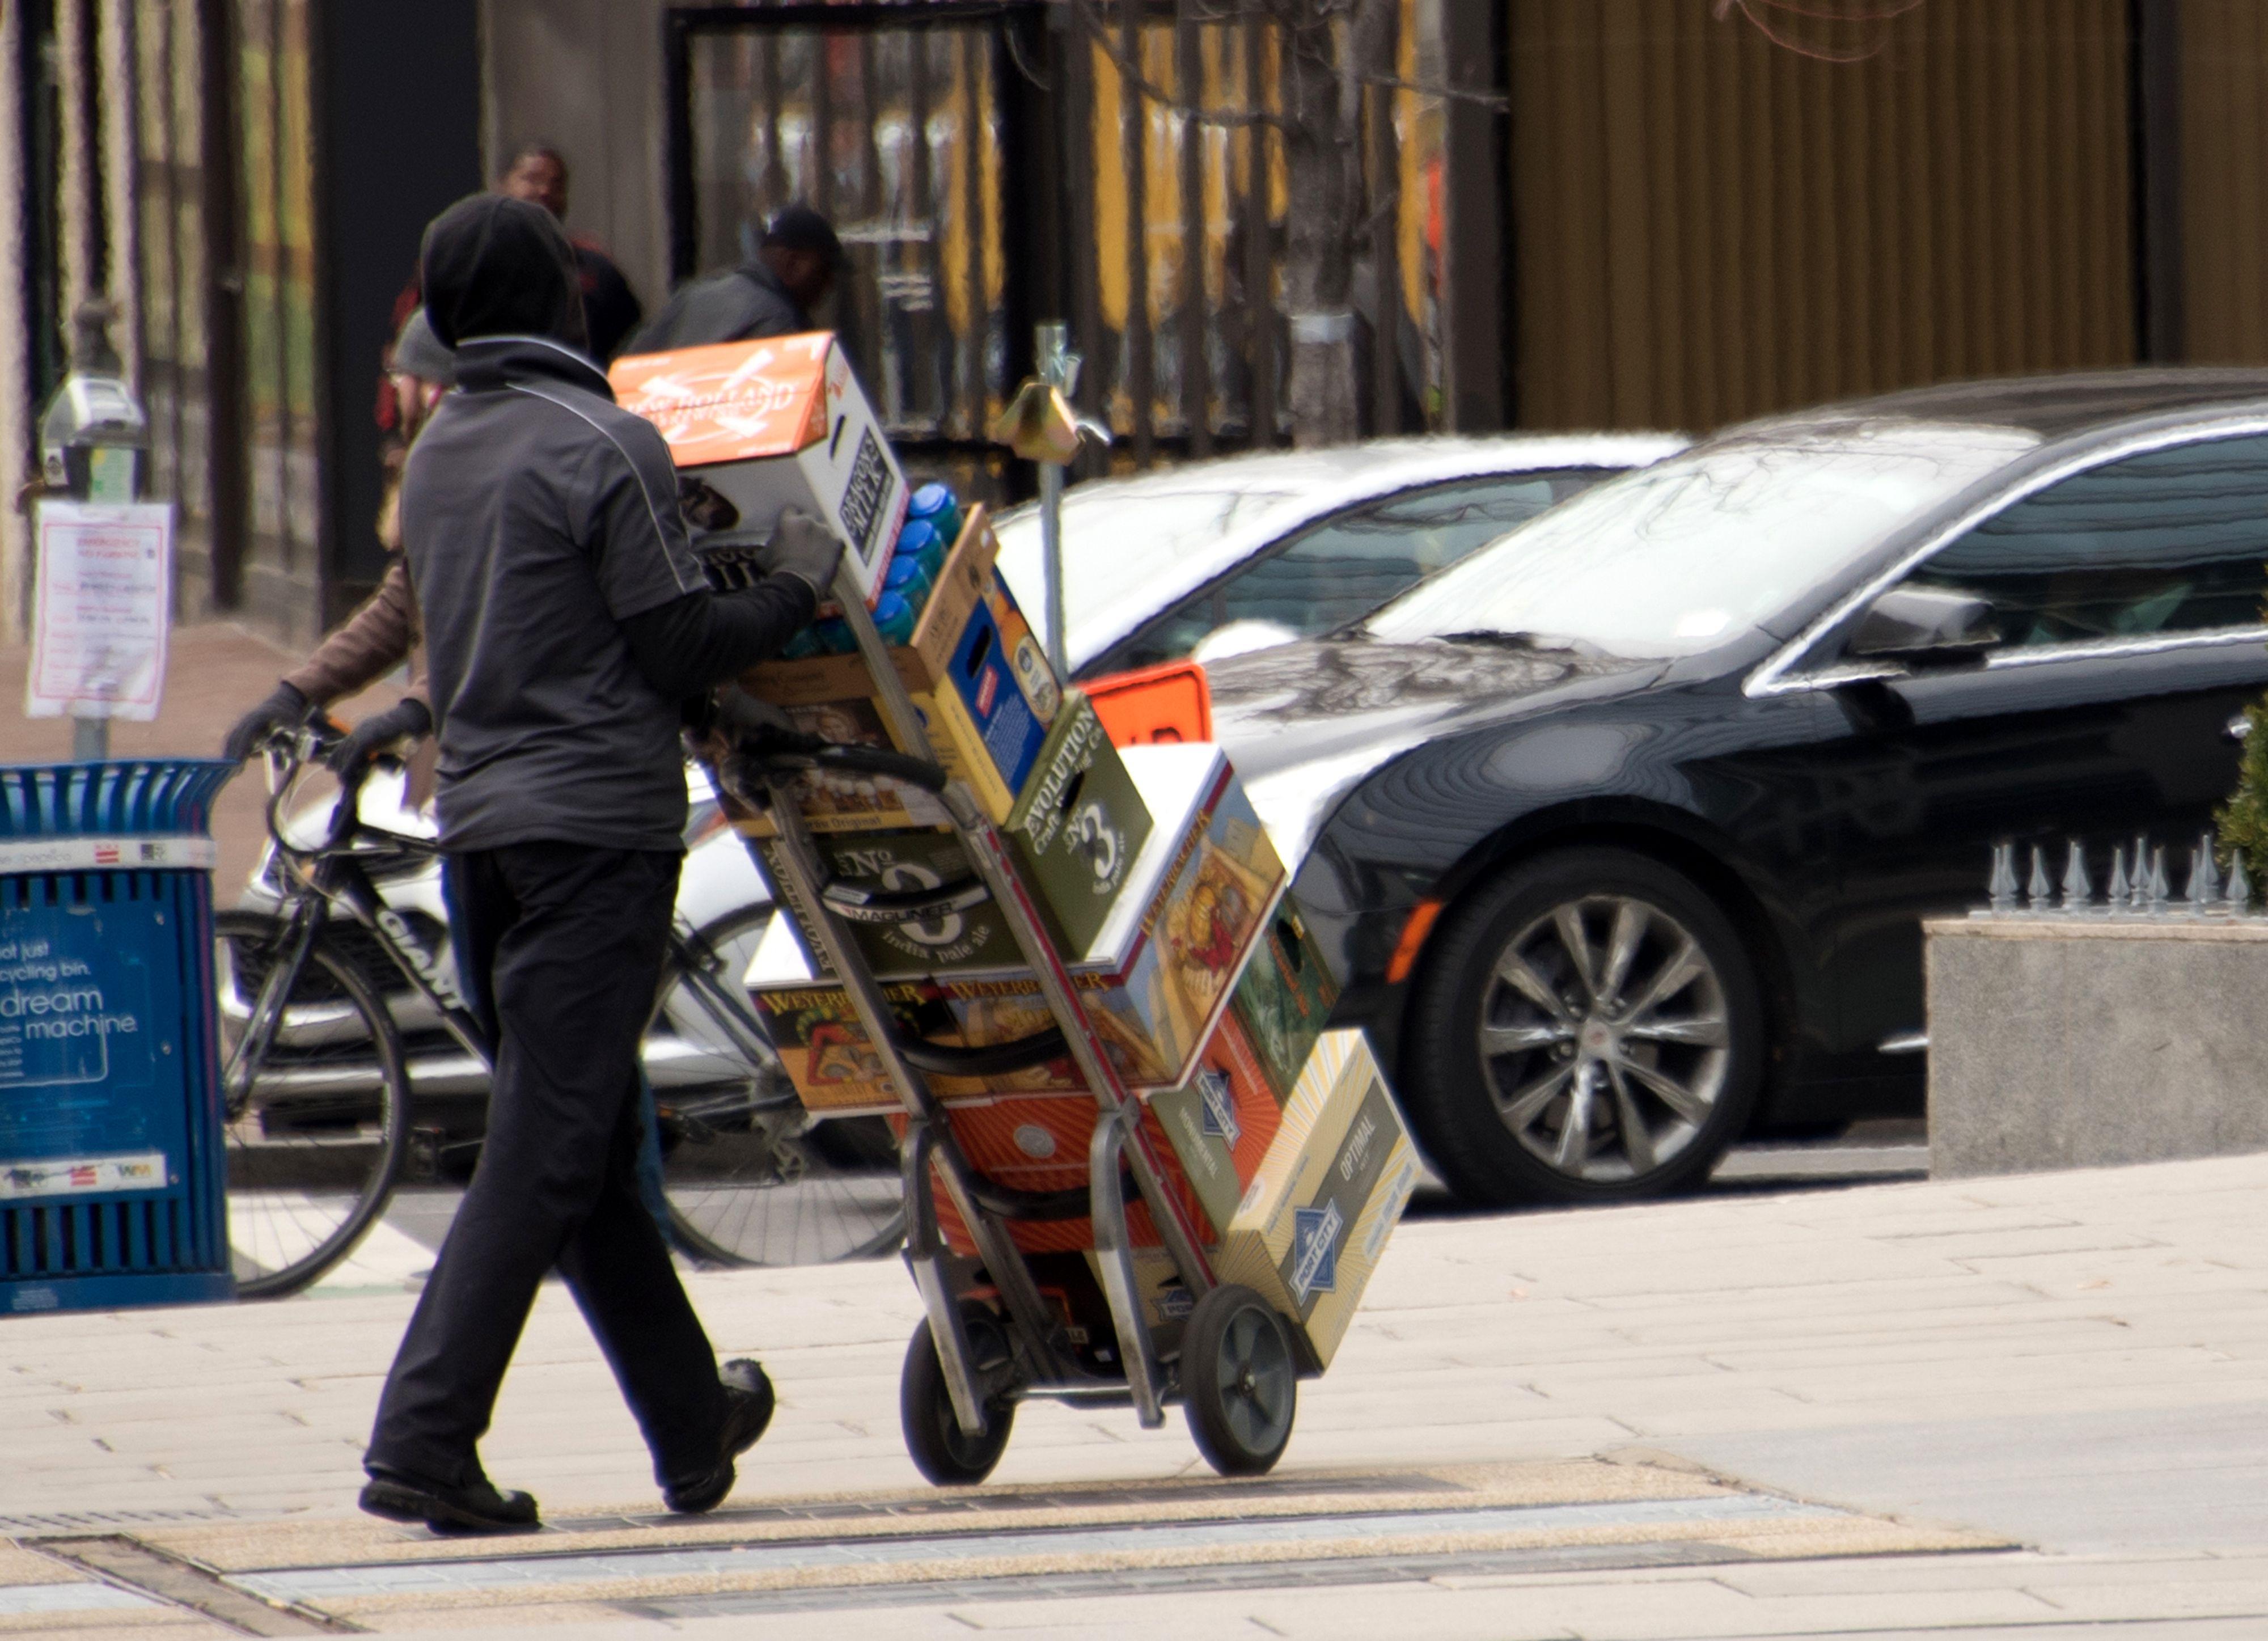 La creación de empleos en Estados Unidos experimentó otro mes de éxito en enero, superando el cierre del gobierno, pero esa interrupción ayudó a elevar la tasa de desempleo. (Foto Prensa Libre: AFP)